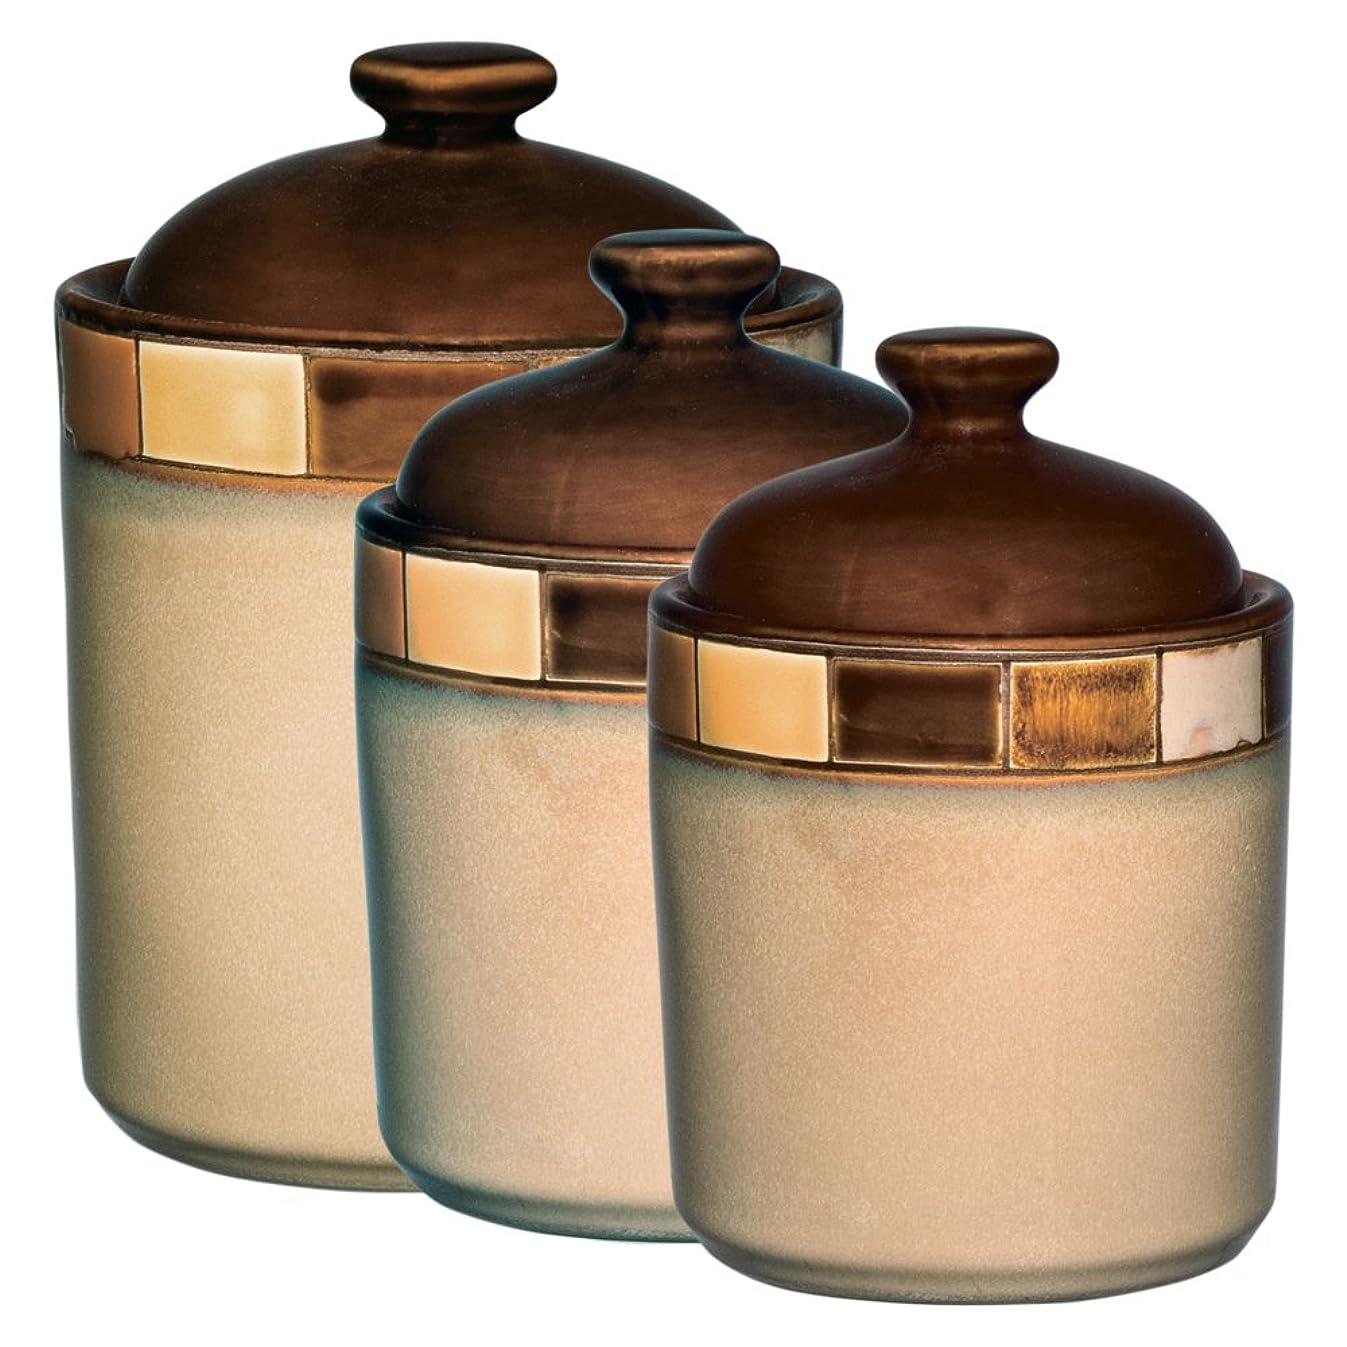 Gibson Casa Estebana 3-piece Canister Set, Beige and Brown